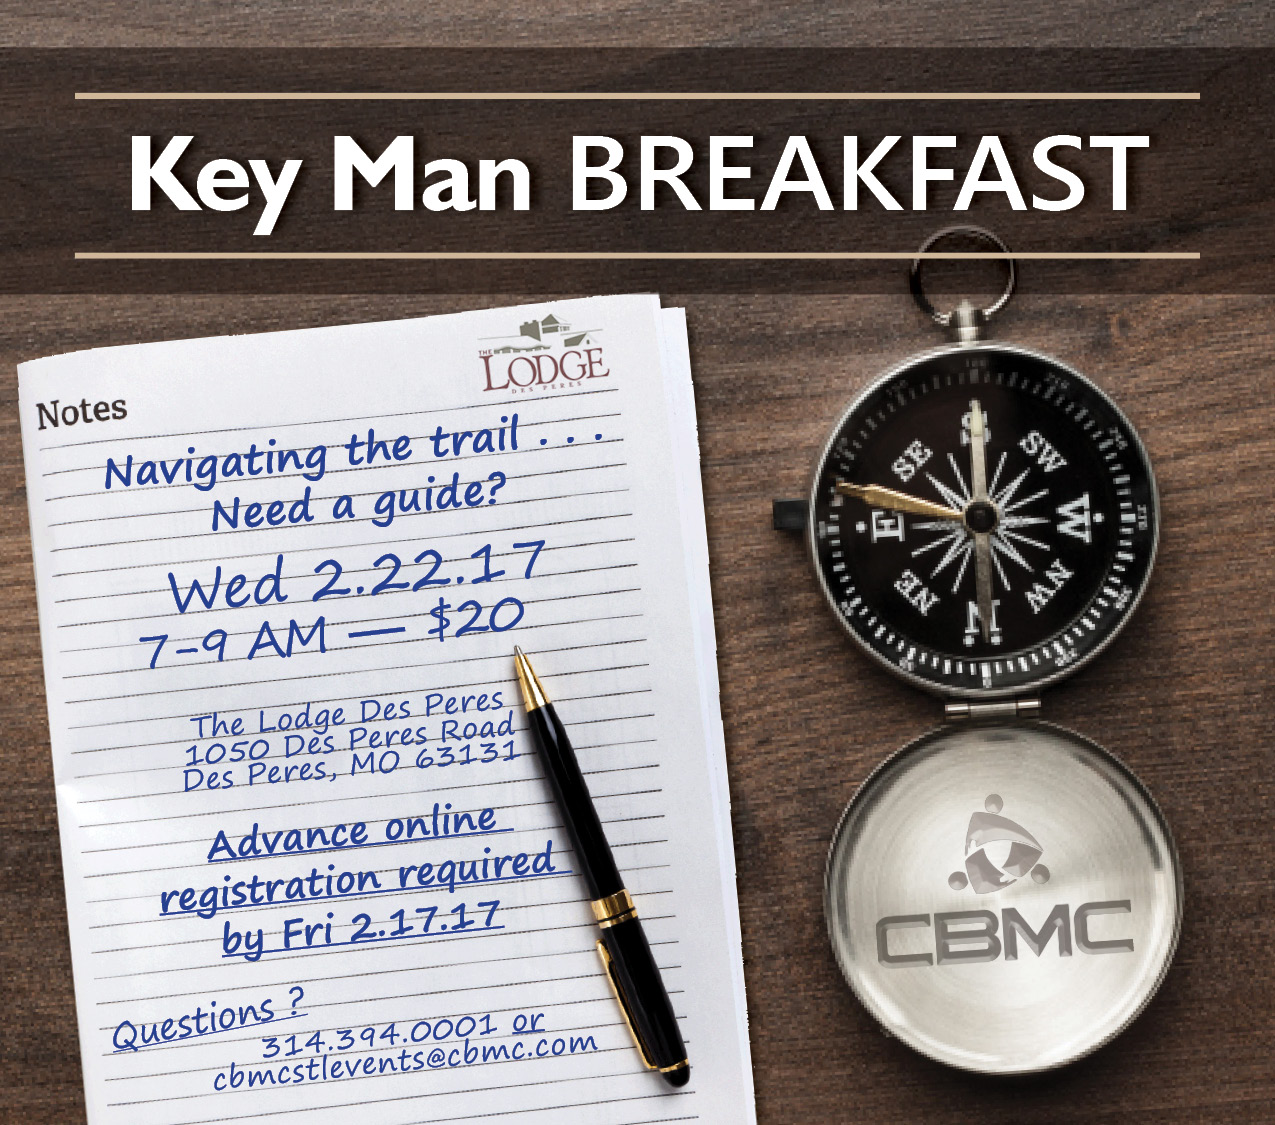 Key Man Breakfast